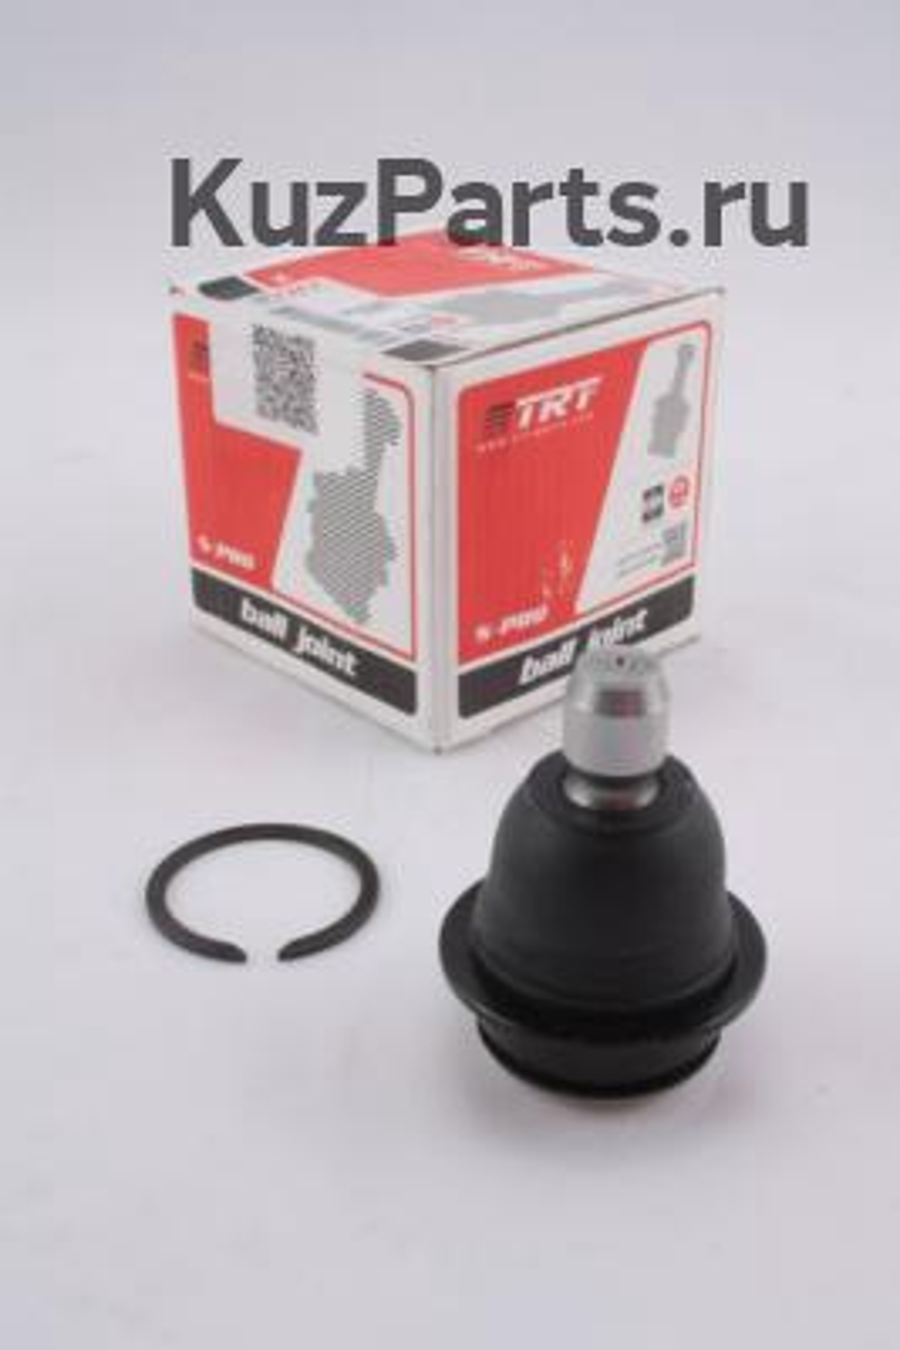 Опора шаровая 95319215 TRT R8004 Spark